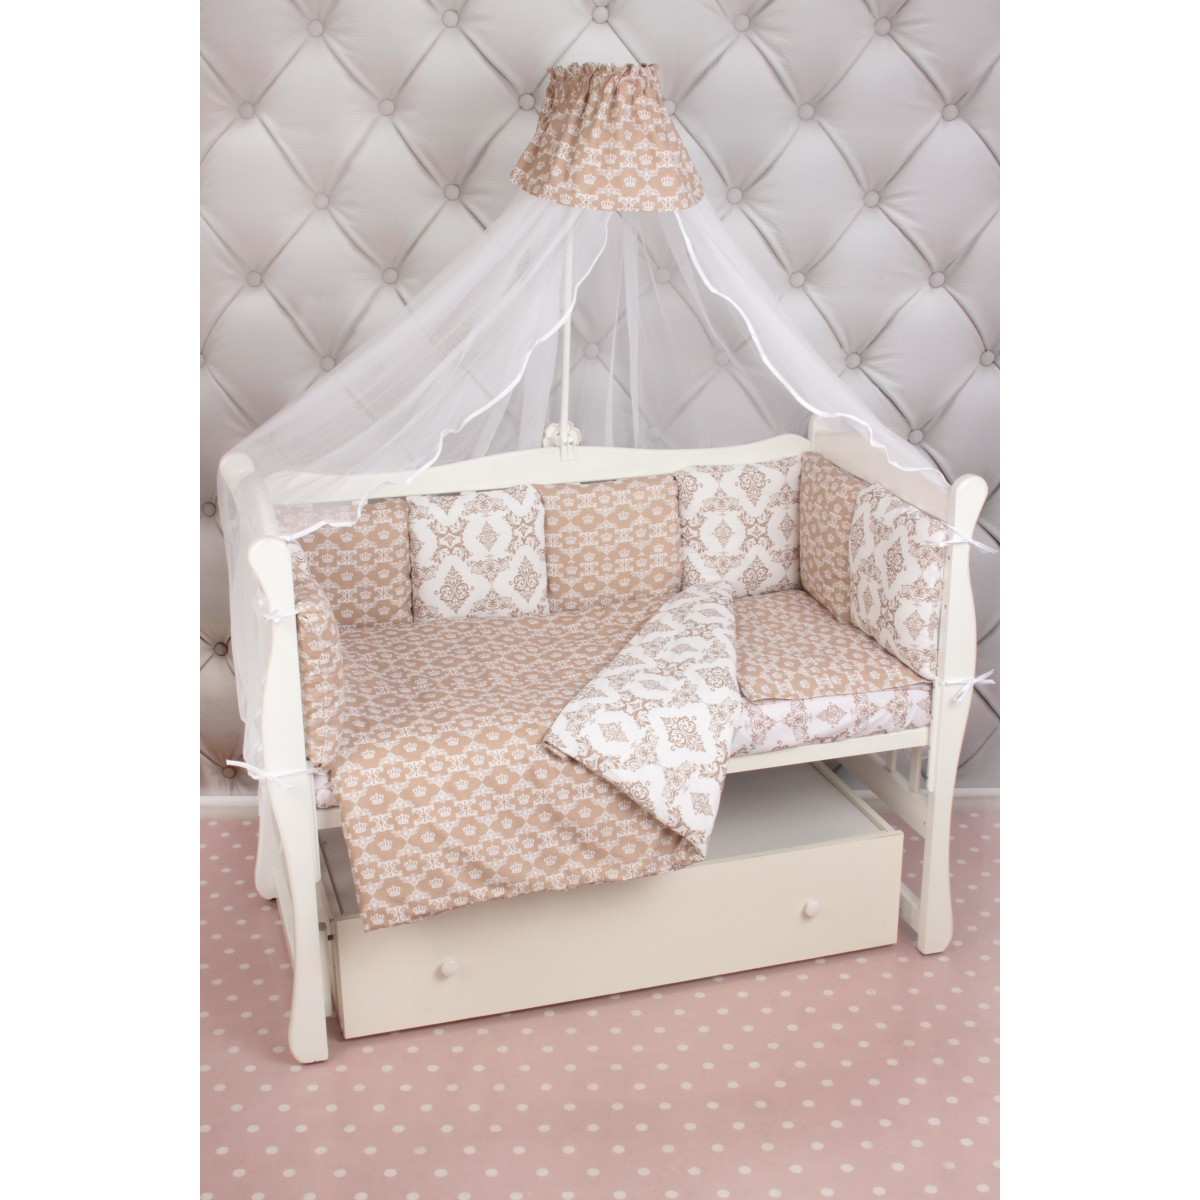 Комплект постельного белья AmaroBaby Короны в кроватку бязь 19 предметов